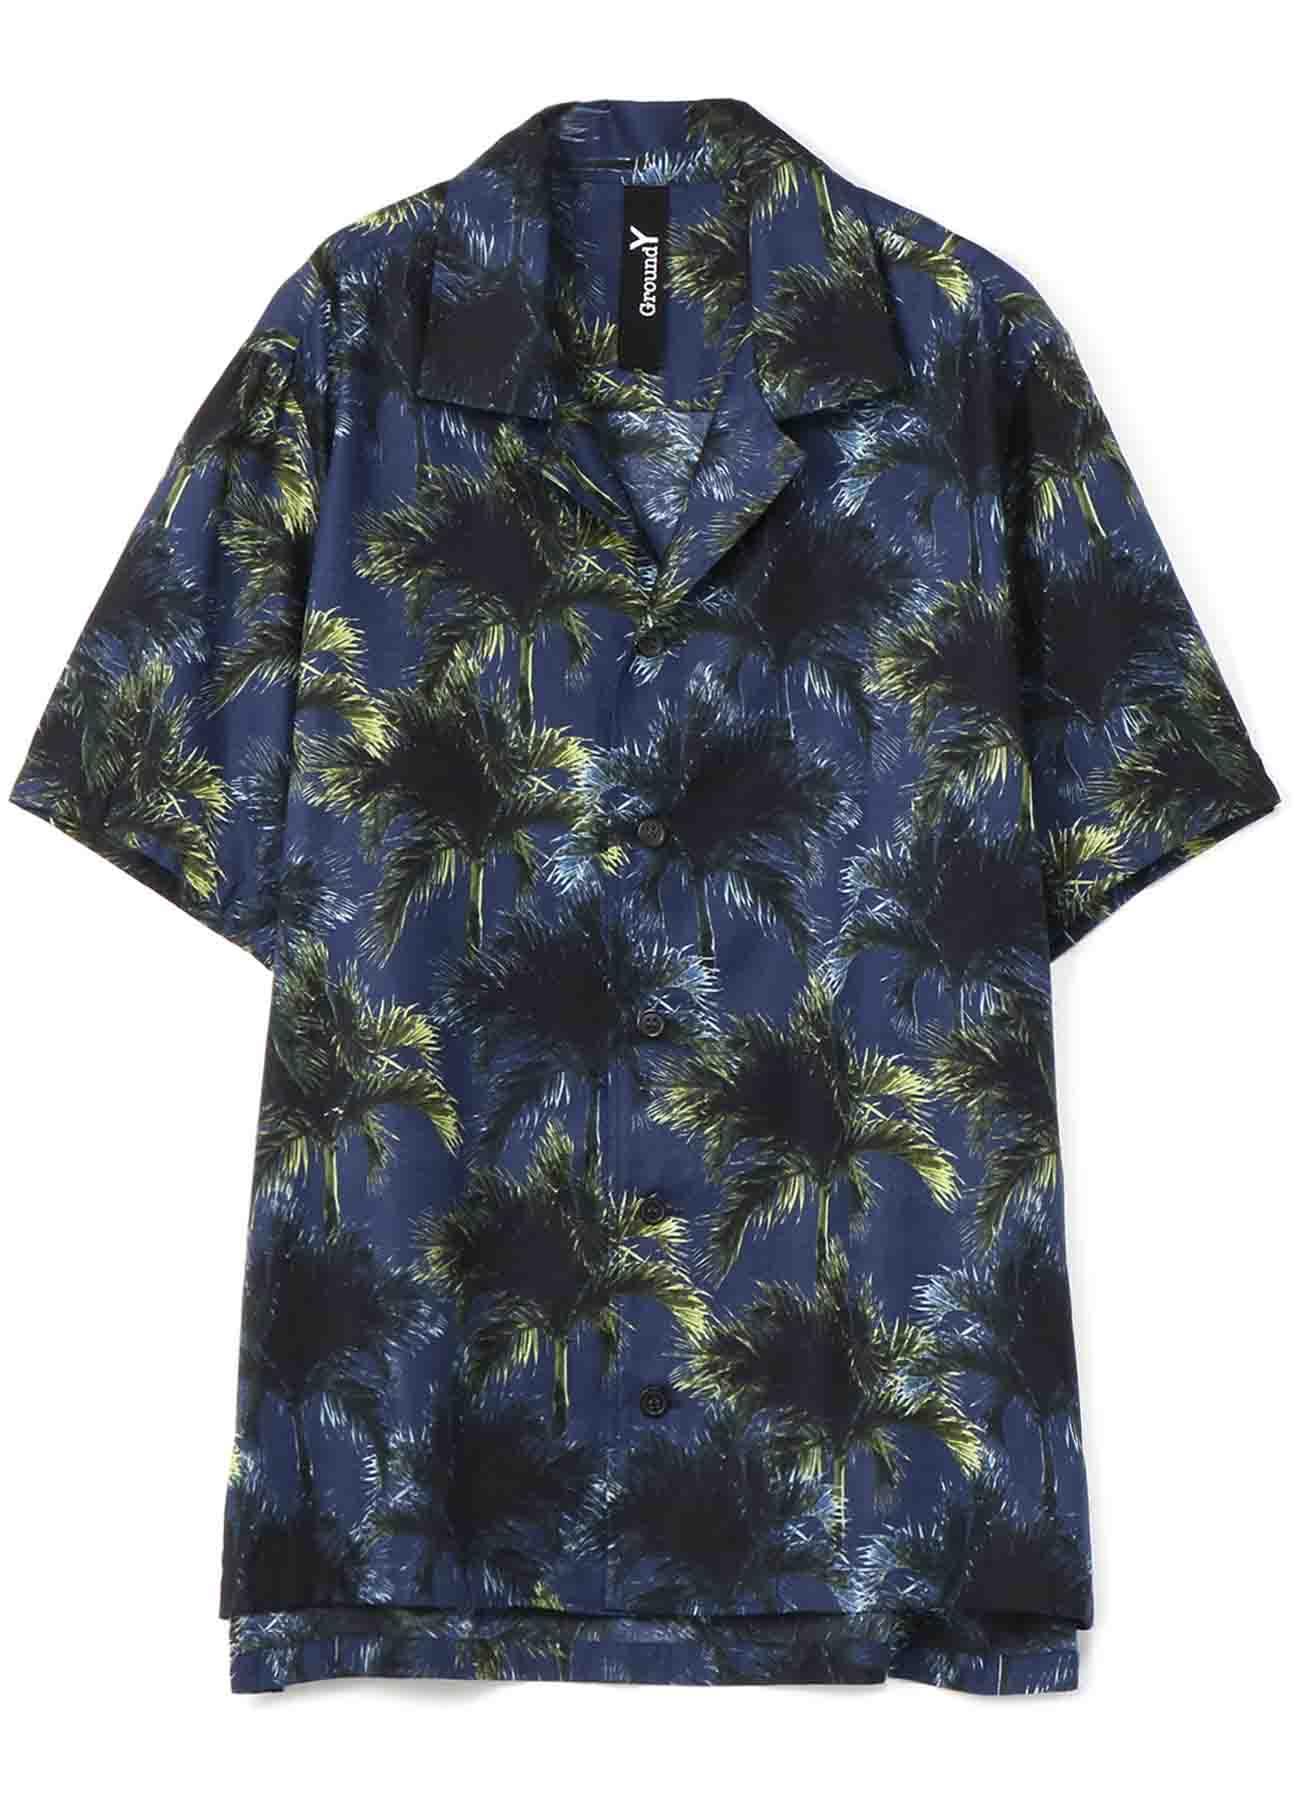 棕榈树印花短袖衬衫